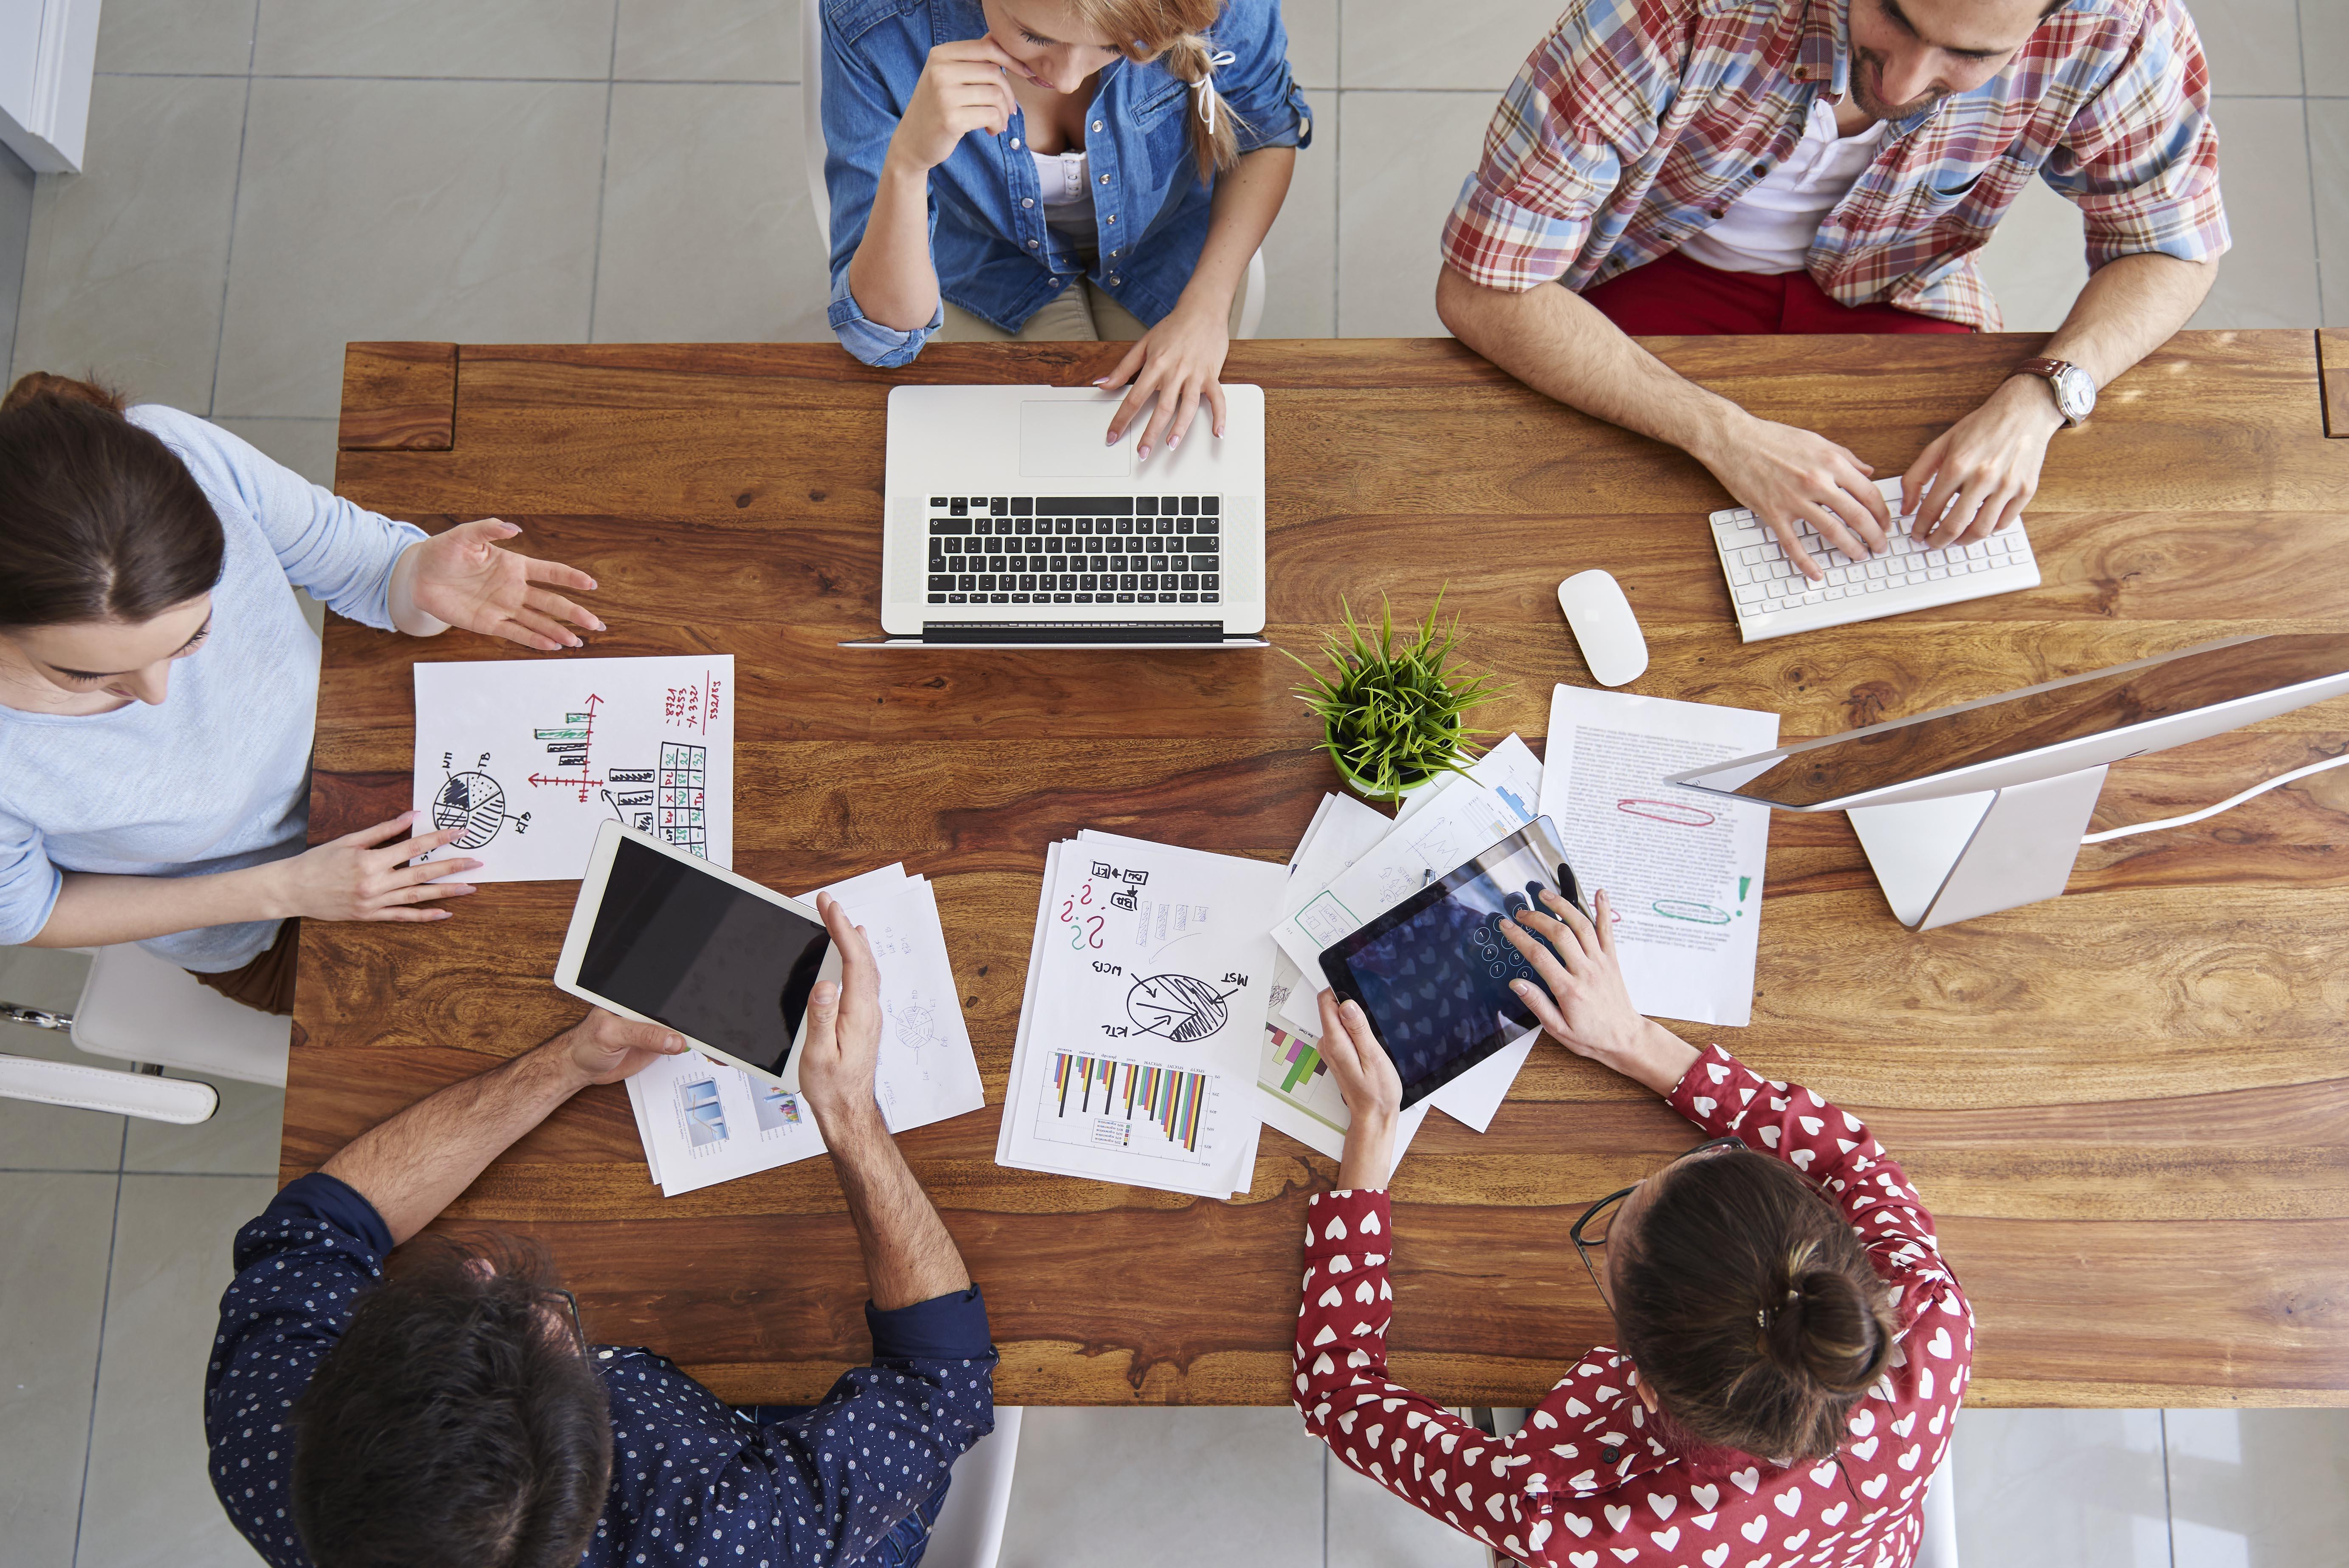 Personnes travaillant en équipe autour d'un MacBook, d'un iPad et d'un Mac pour illustrer le programme Apple Employee Choice selon ALis Business